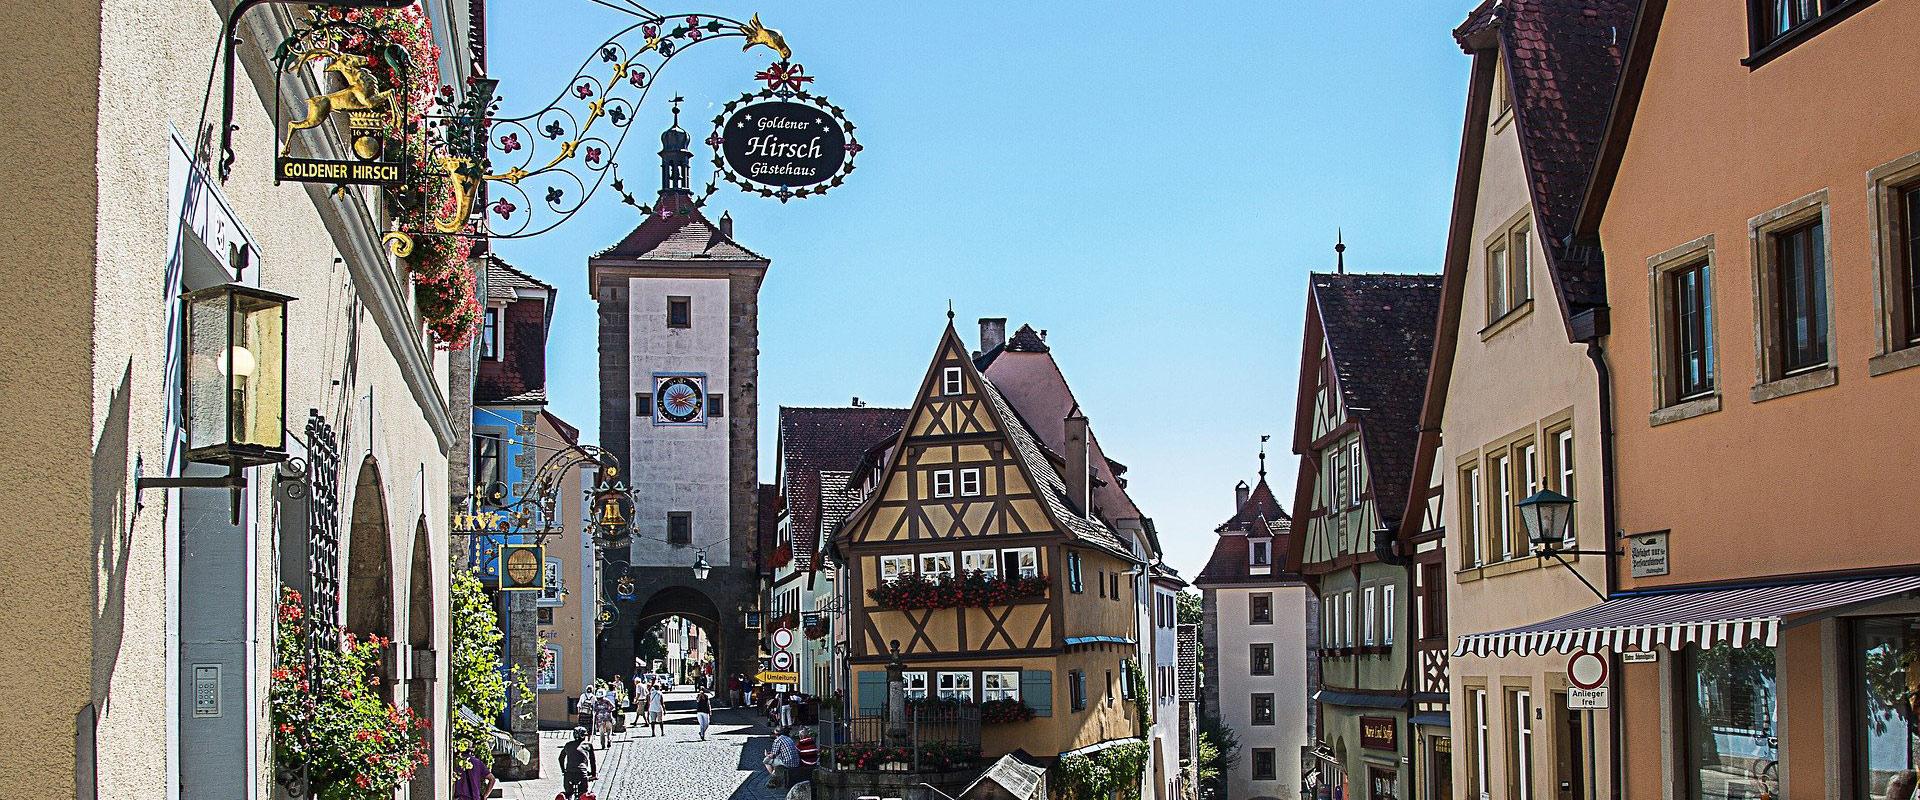 Frankenhöhe - Rothenburg ob der Tauber